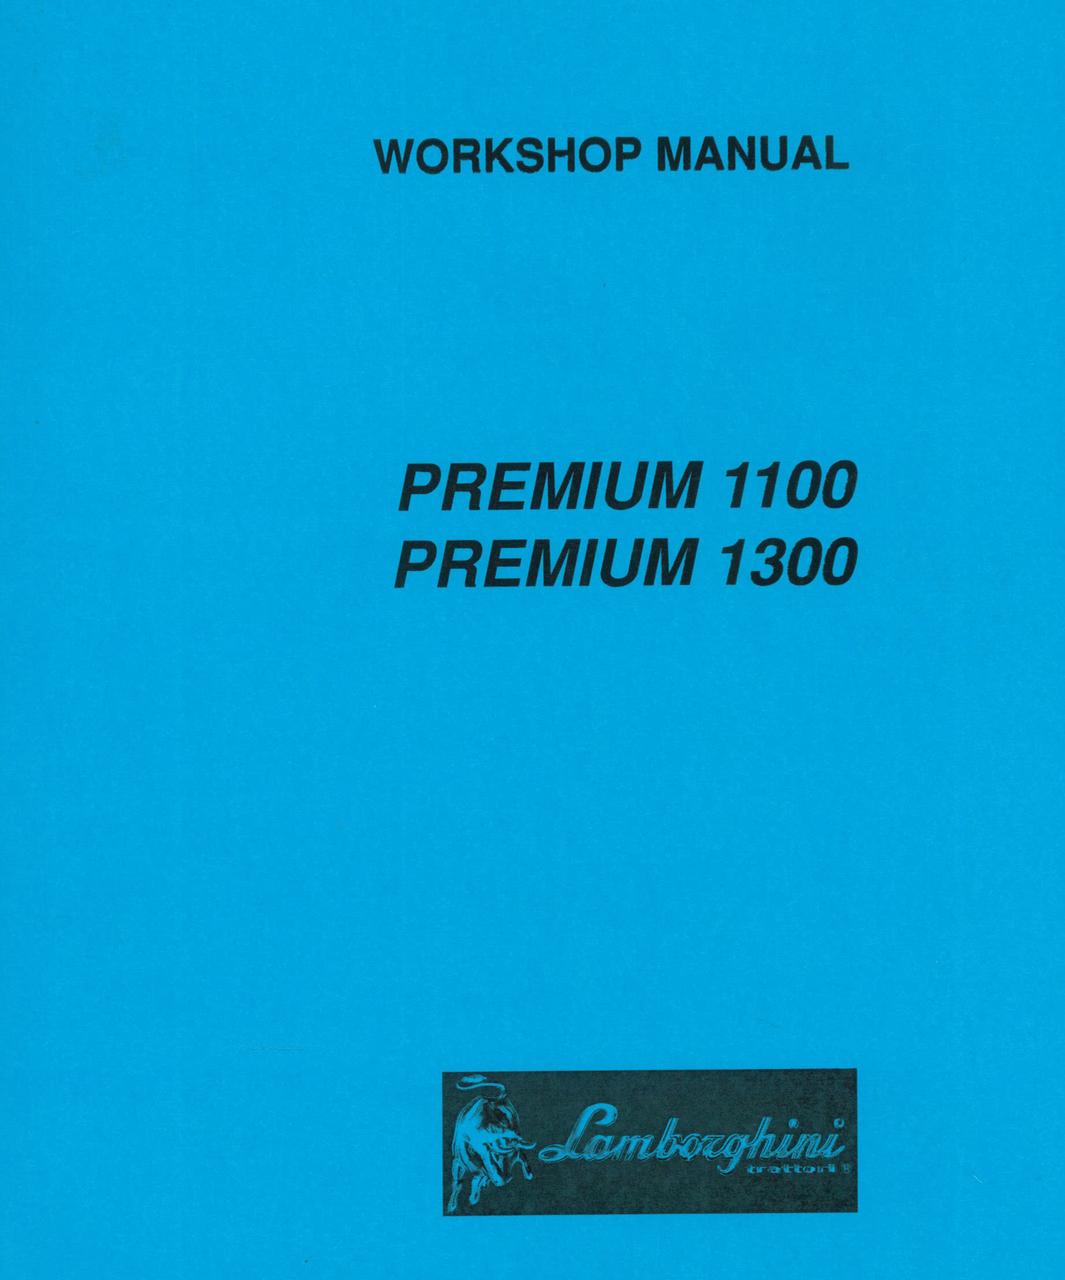 PREMIUM 1100 - 1300 - Workshop manual